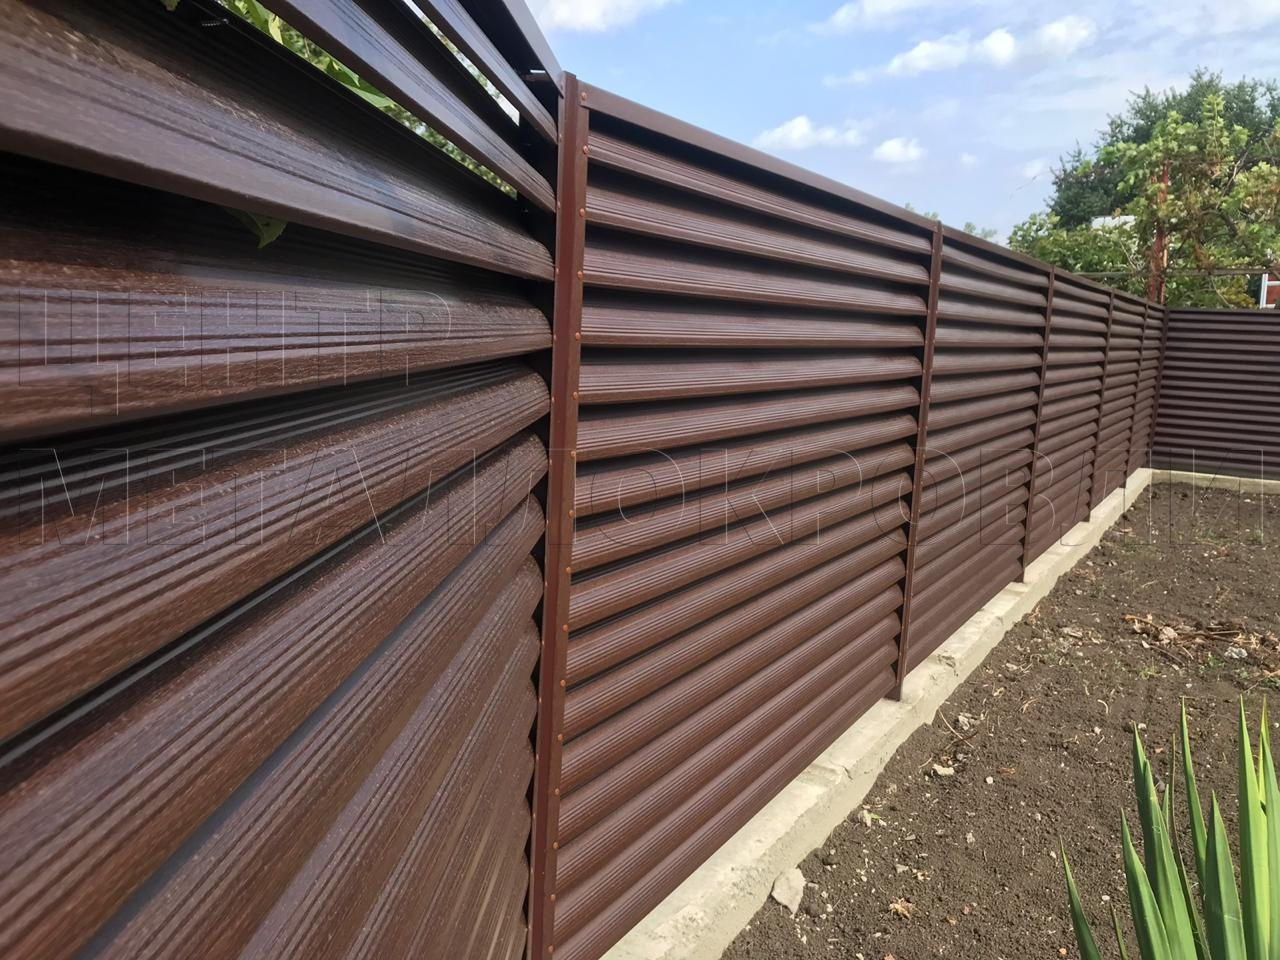 Забор Еврожалюзи от Центра Металлокровли цвет Морёный Дуб